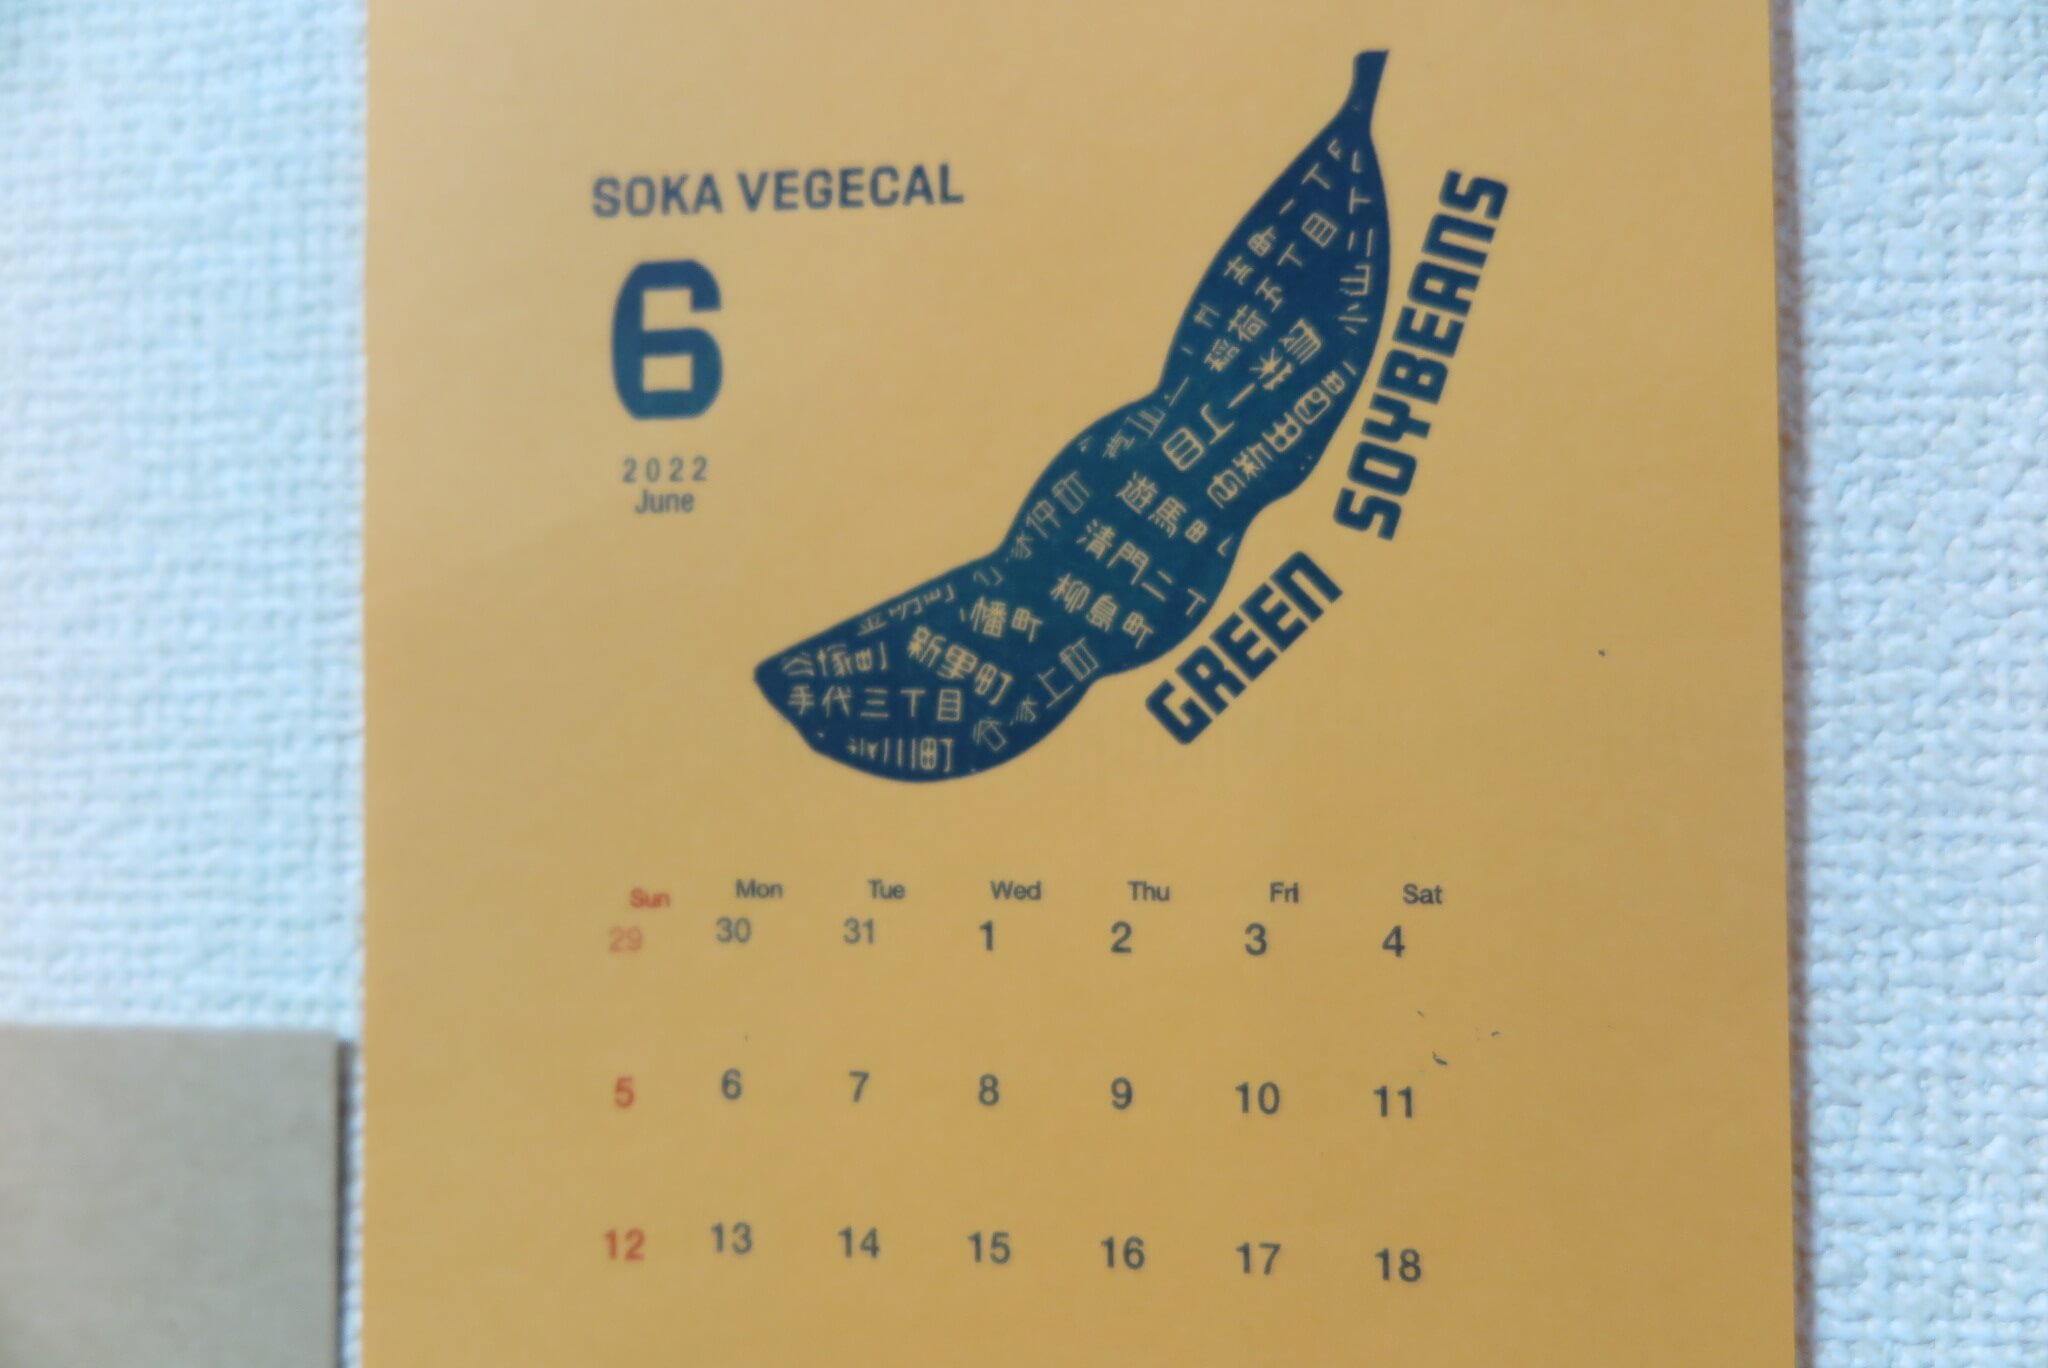 ローカルWEBメディア・地域サイト 草加ローカルストーリー 草加リソグラフ部 草加野菜カレンダーワークショップ 枝豆